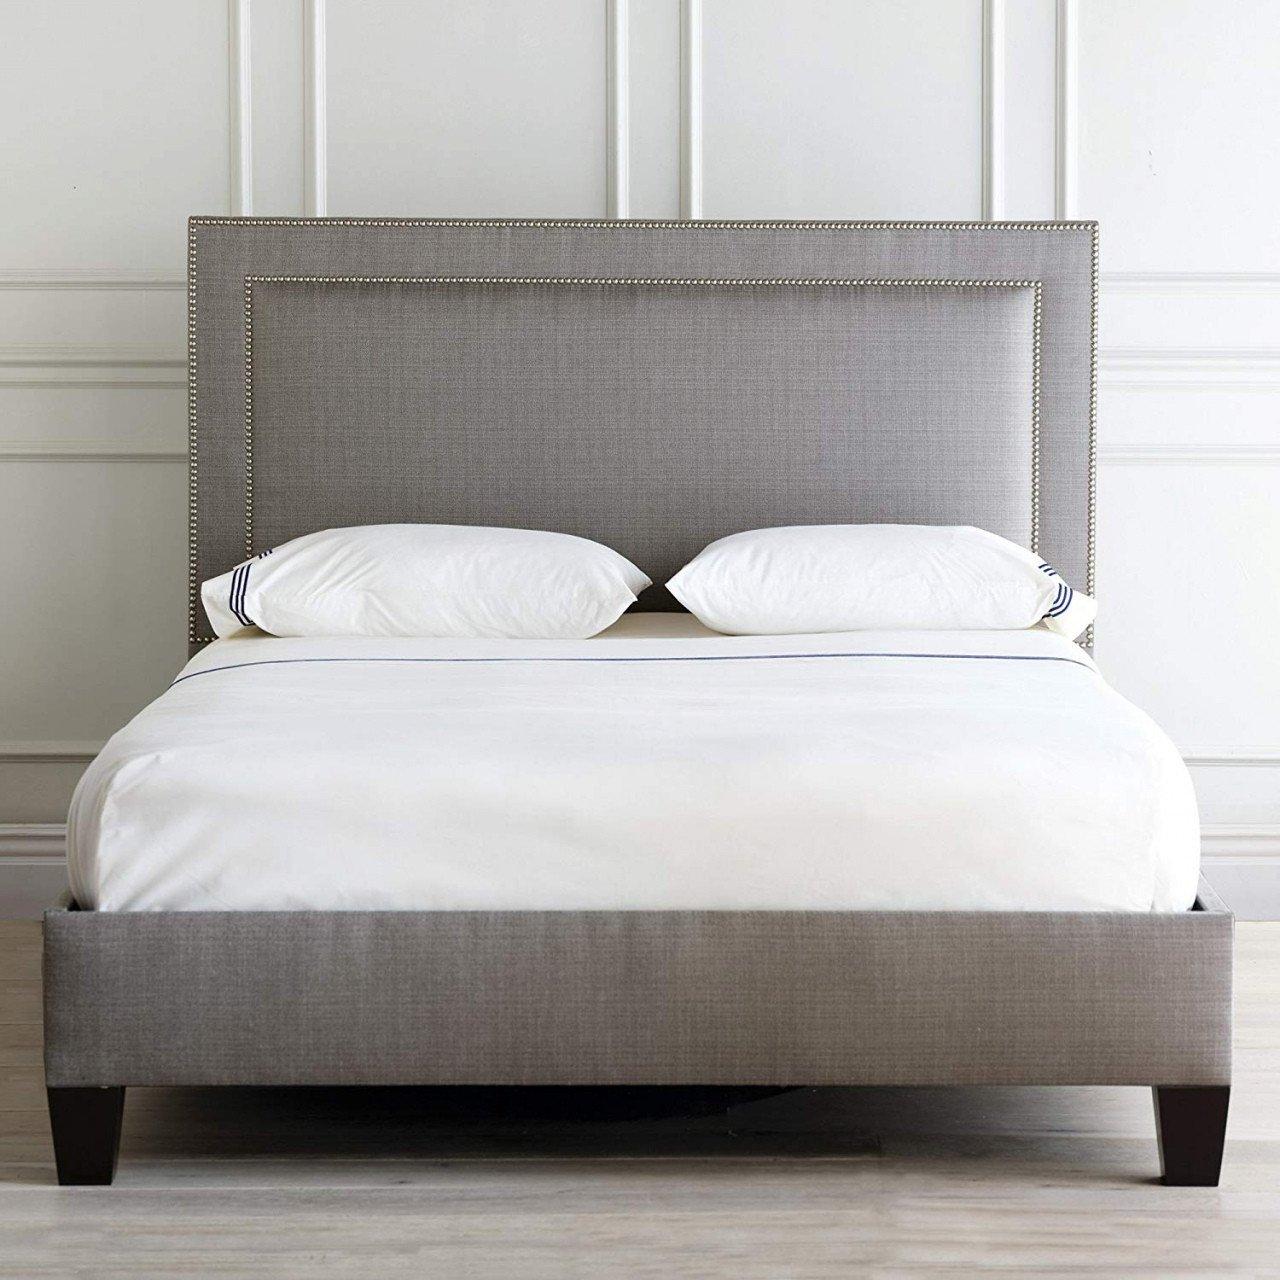 King Size Canopy Bedroom Set Elegant Modern King Size Bed — Procura Home Blog